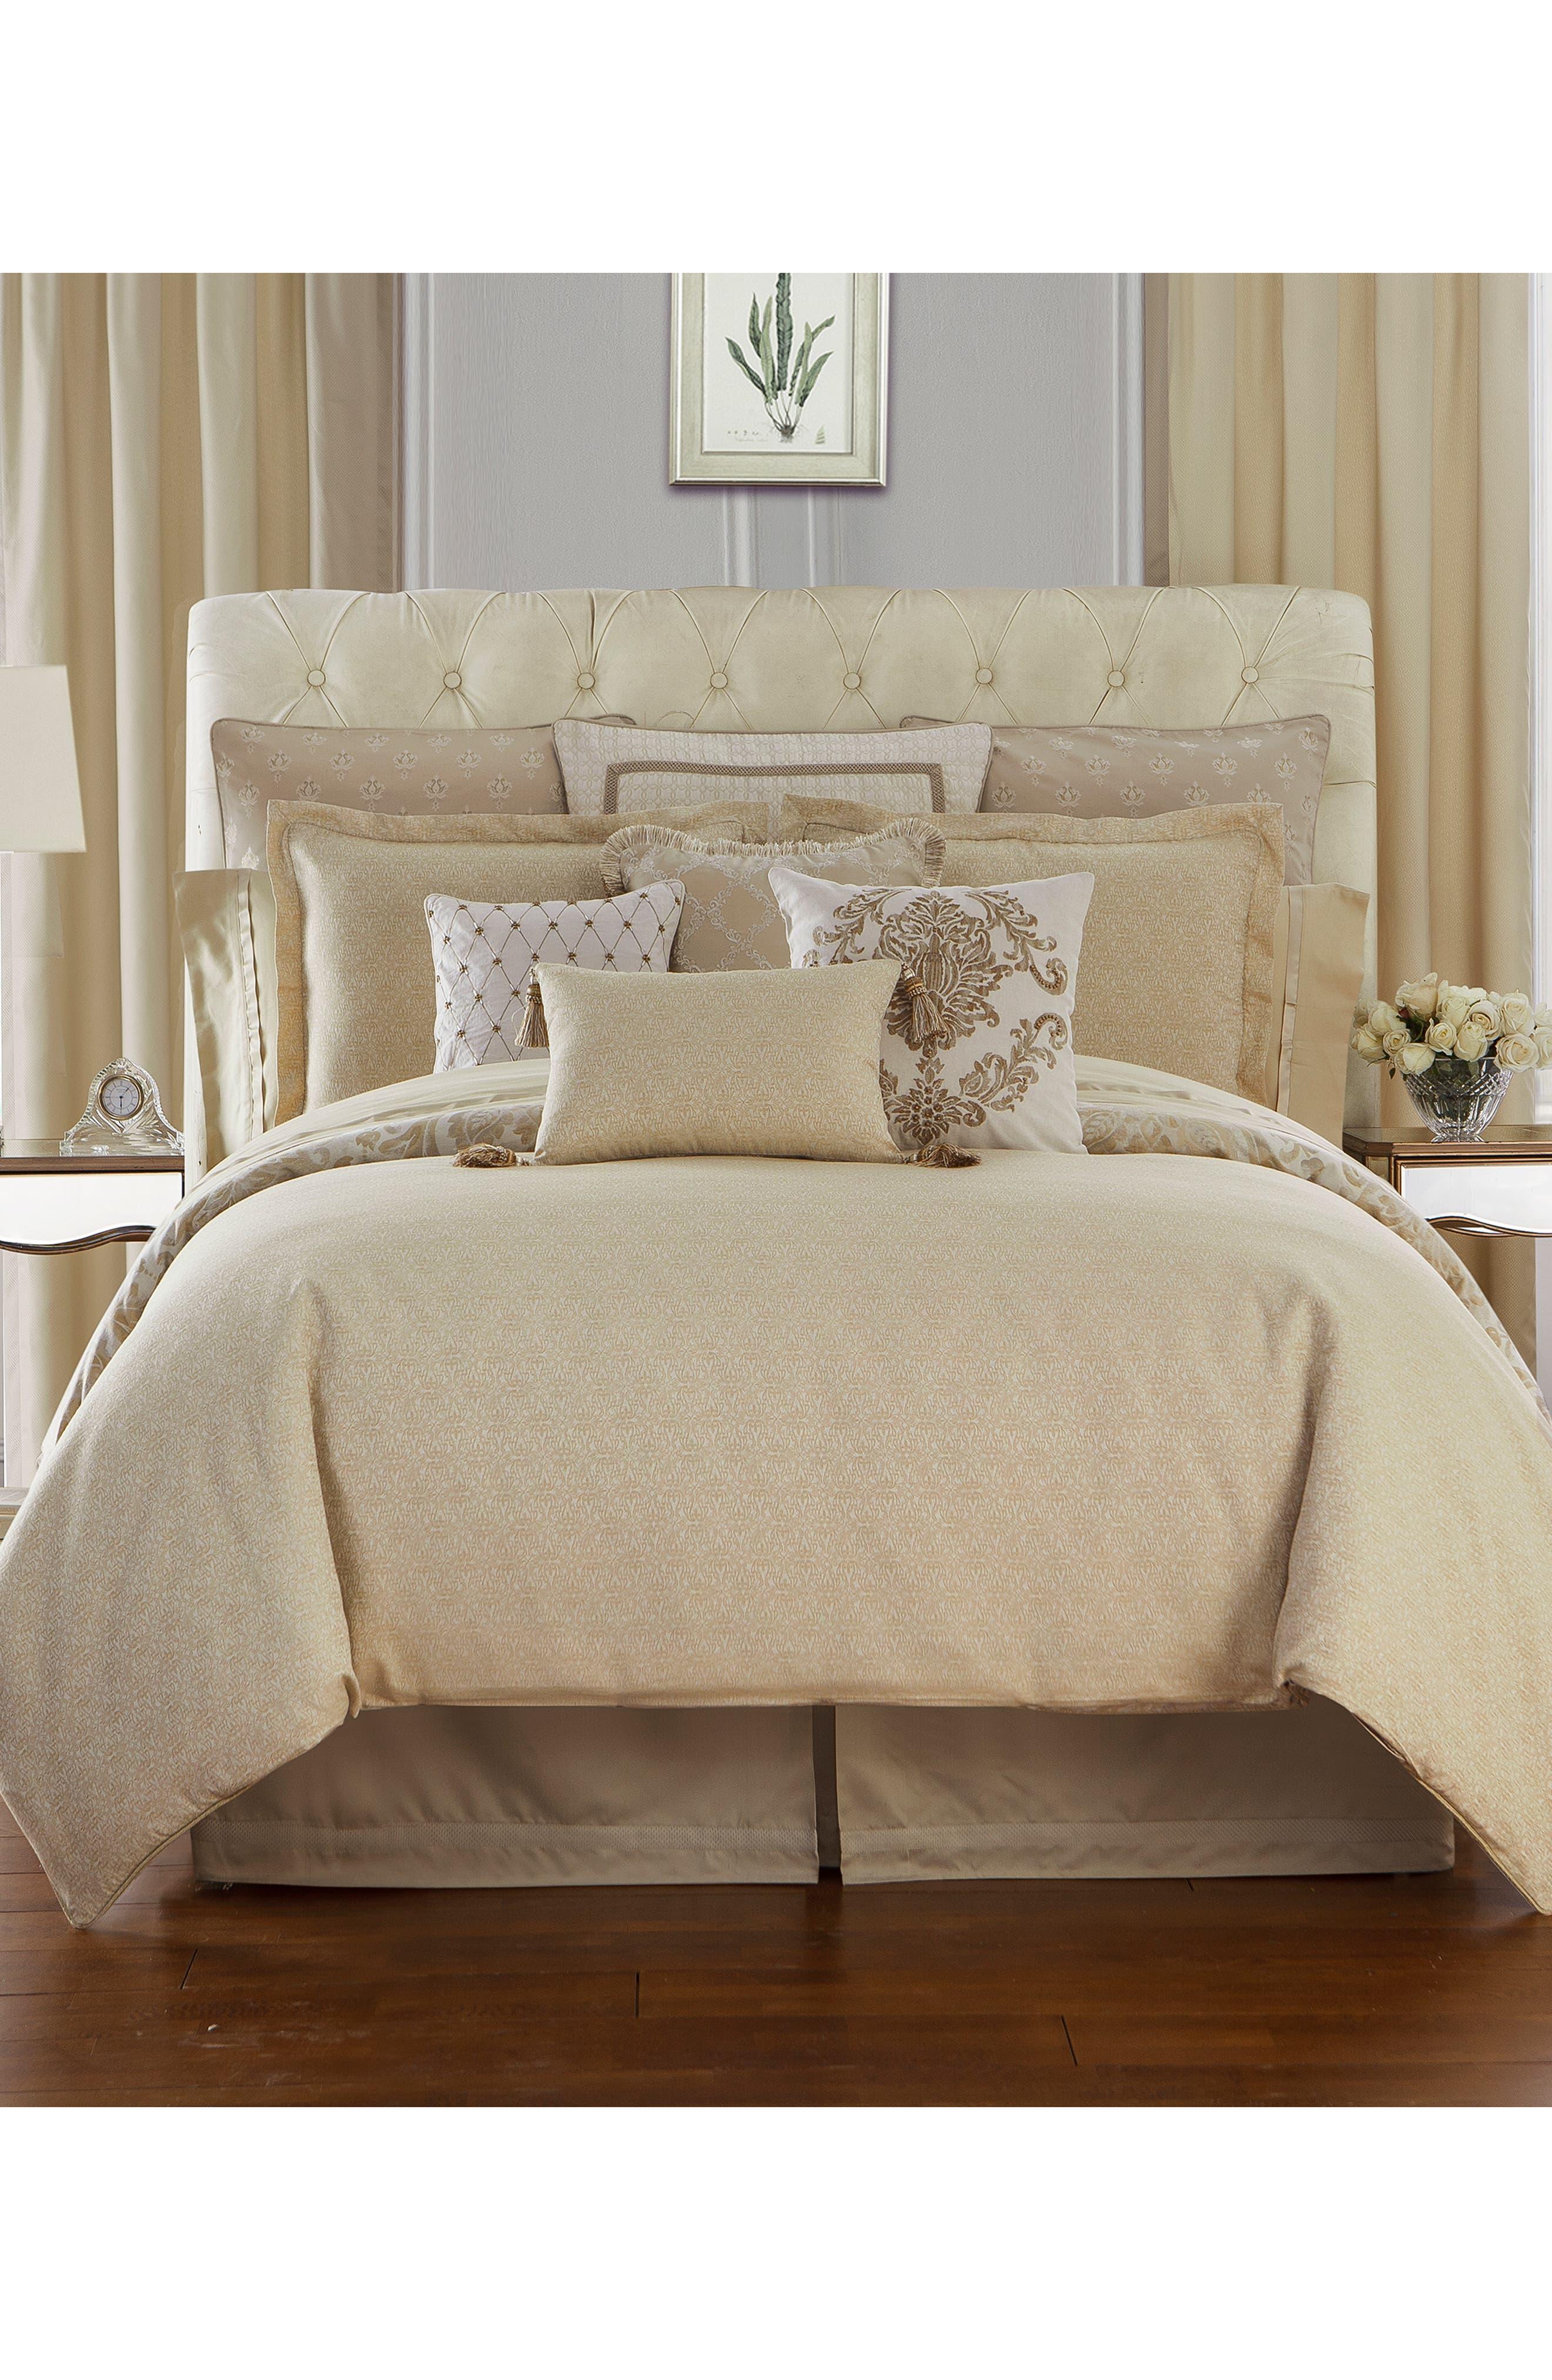 Annalise Reversible Comforter, Sham & Bed Skirt Set,                             Alternate thumbnail 2, color,                             GOLD